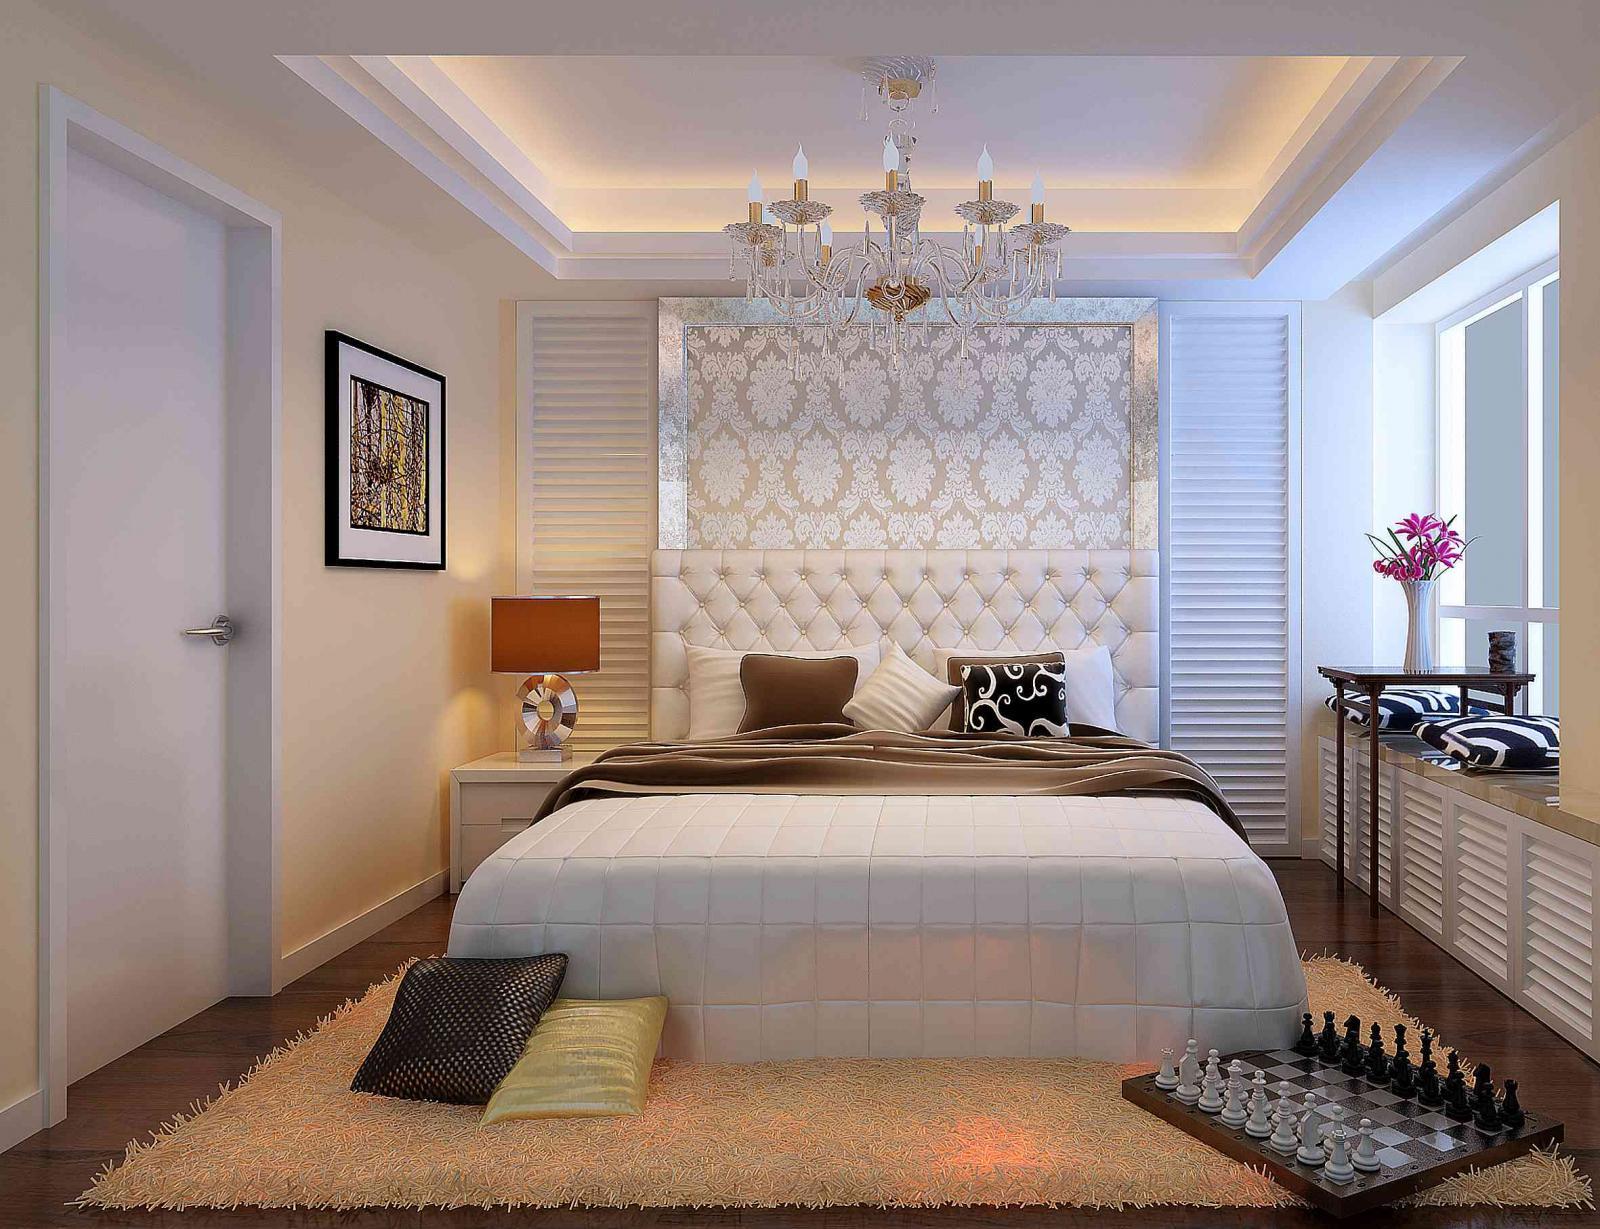 两居室简约风格客厅_润泽公馆装修效果图-x团装修网